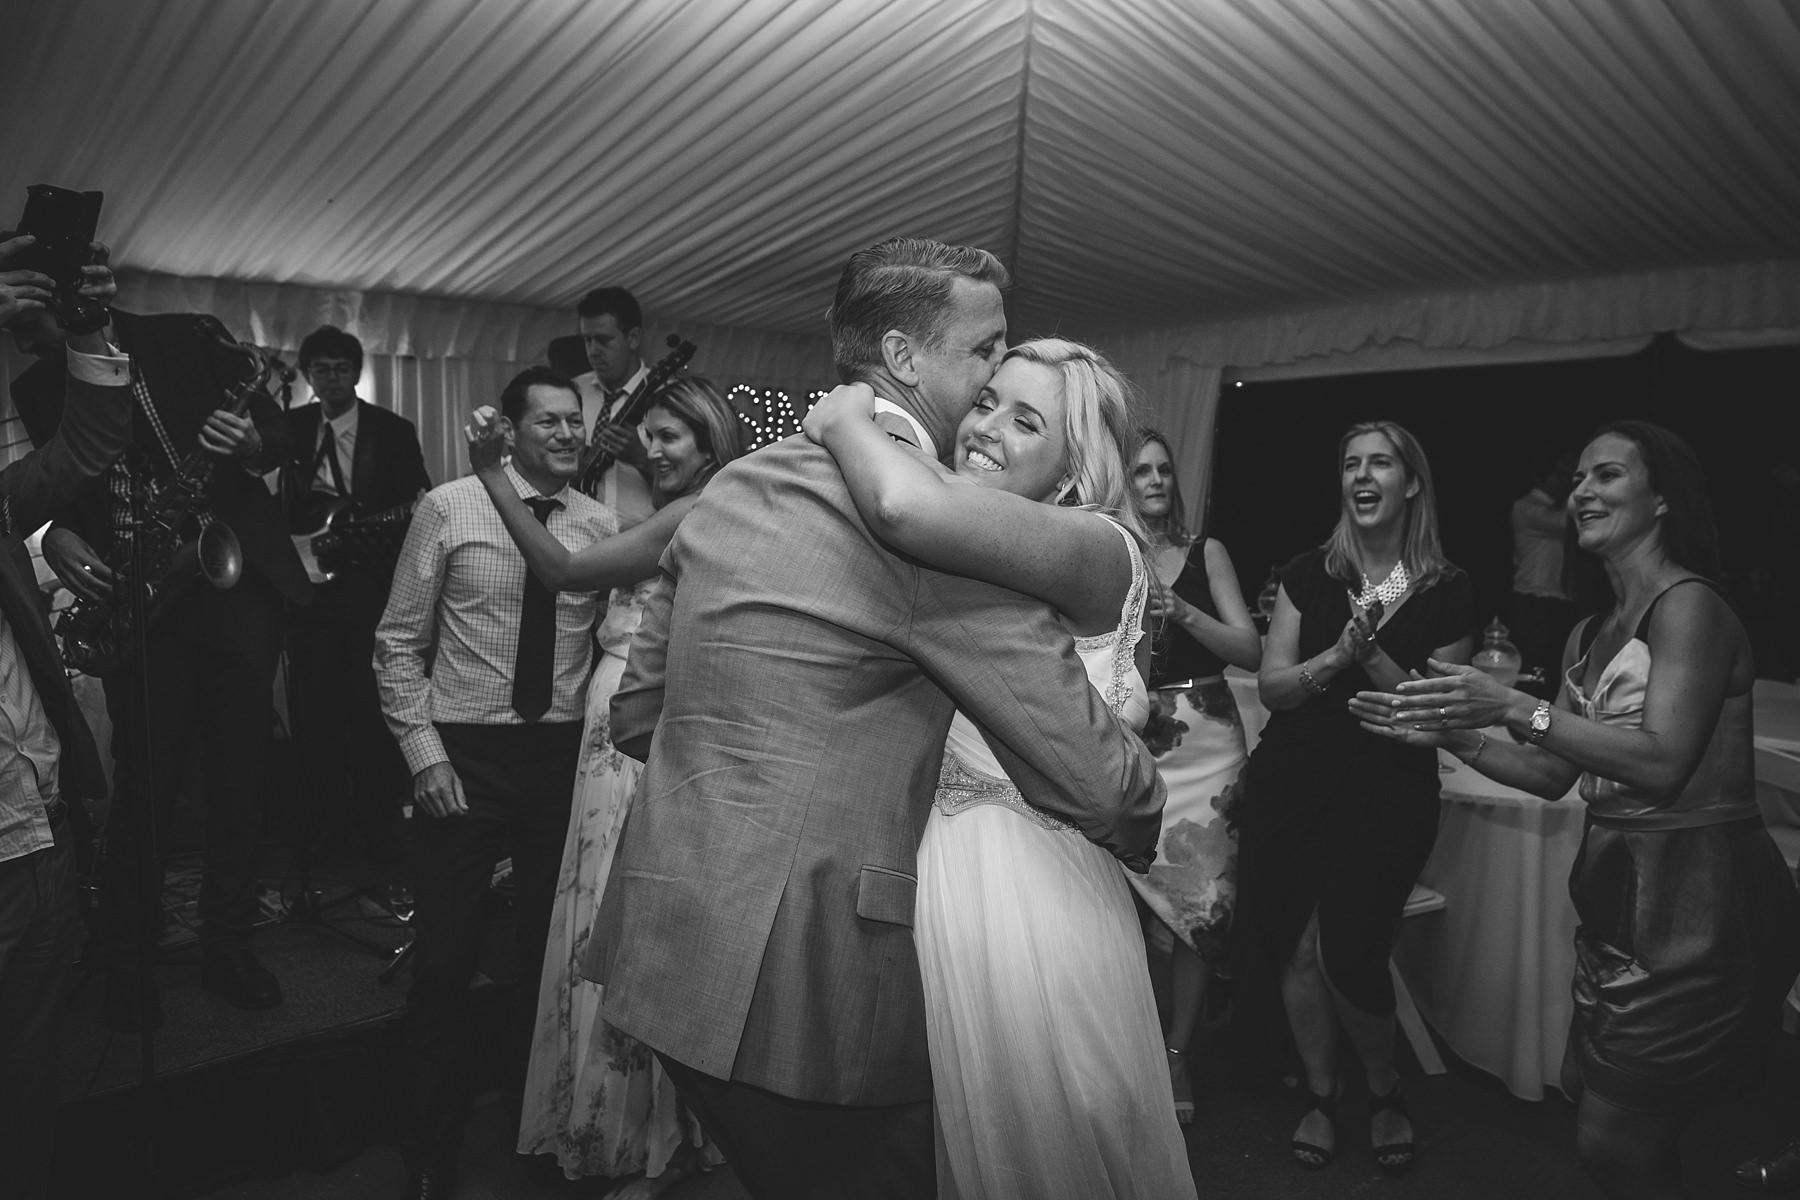 bridal waltz in mudgee